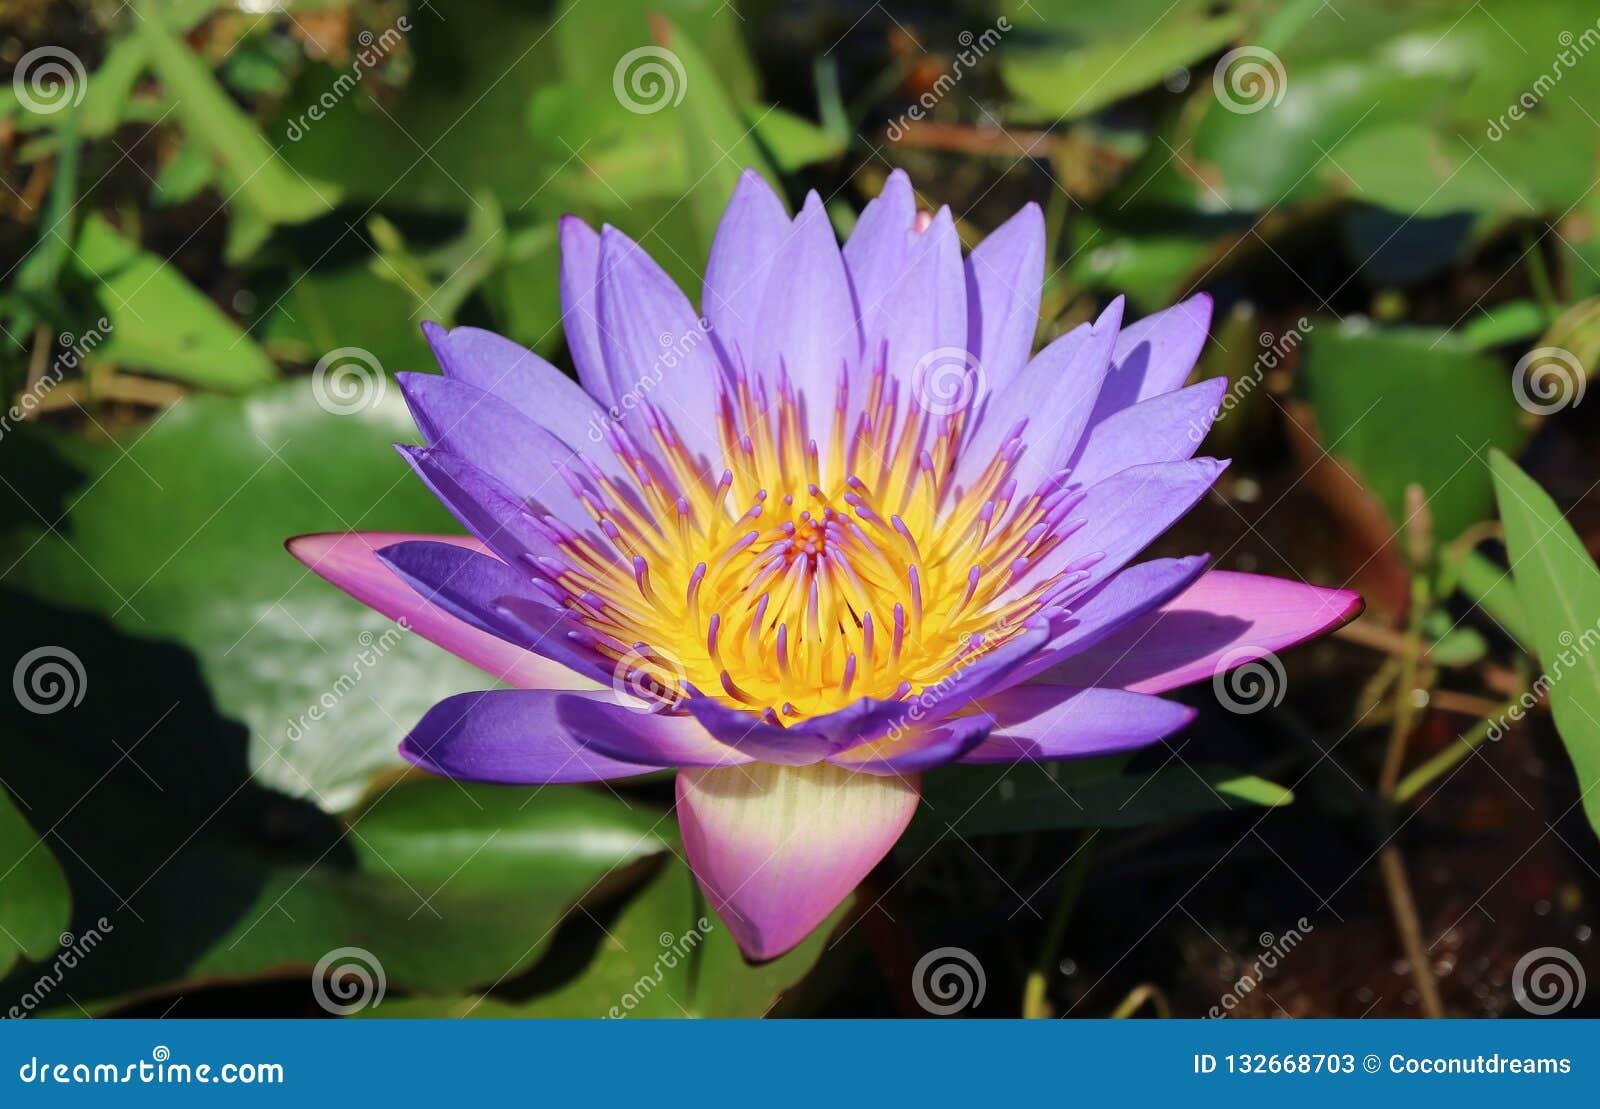 Cerrado encima de Lotus Flower Blooming púrpura vibrante en la luz del sol con las hojas verdes borrosas en fondo